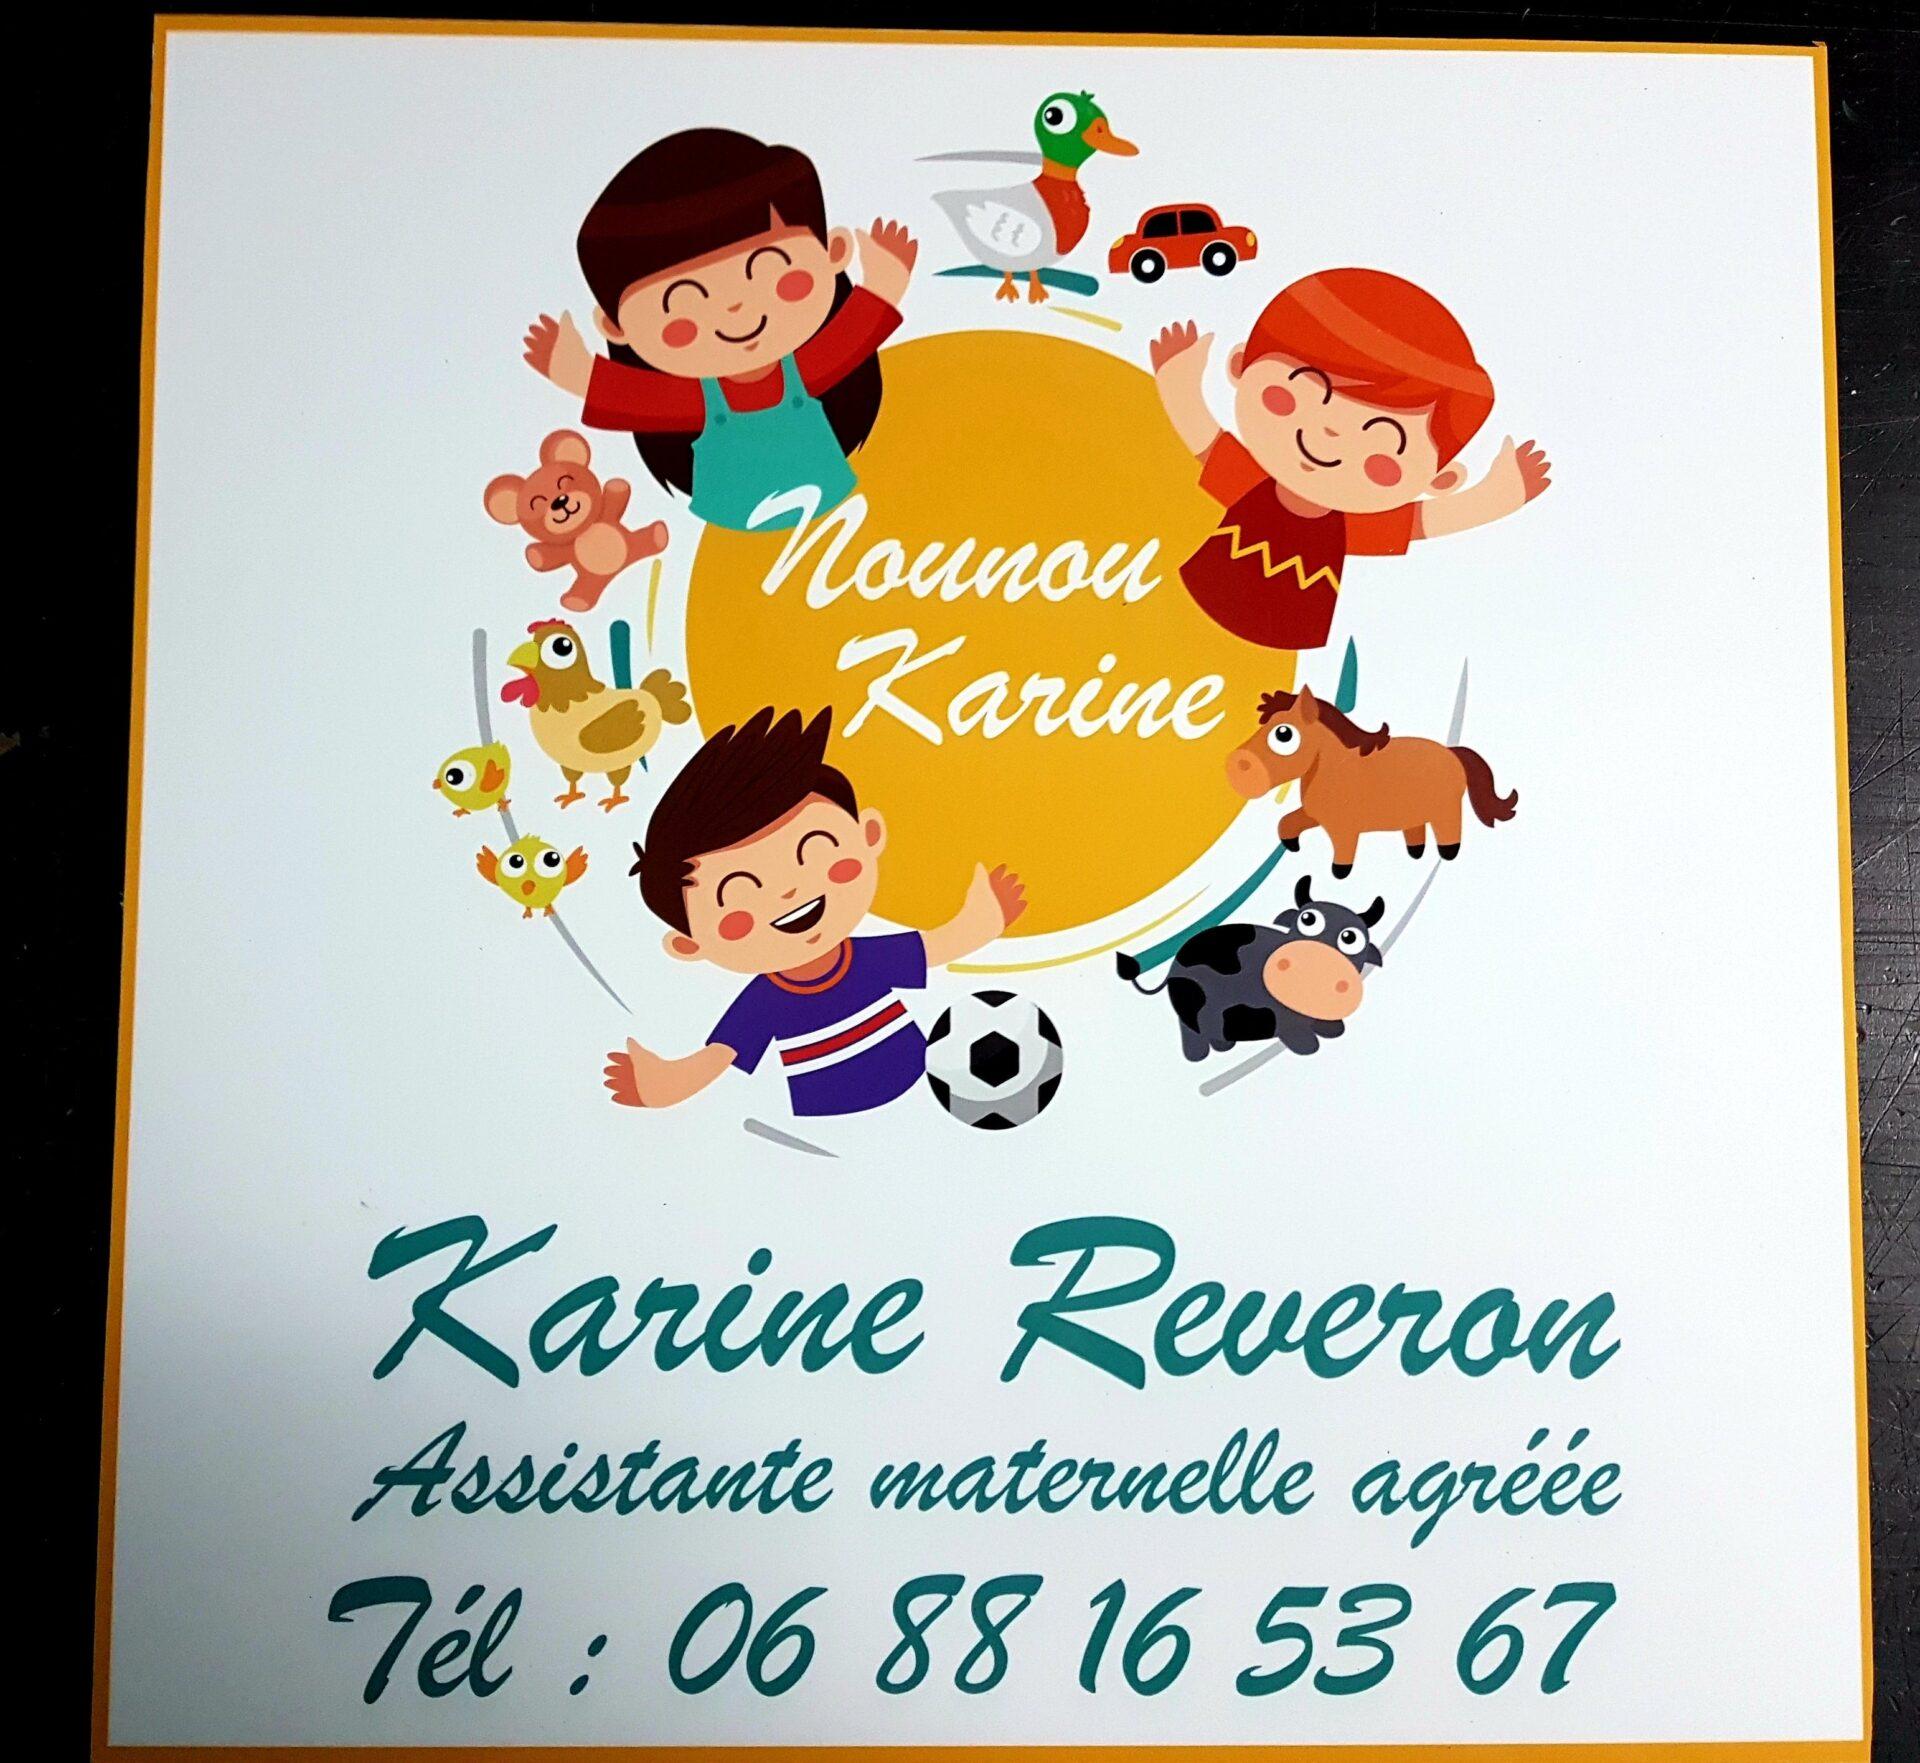 20200225 081121 1 - RCE Nové : création d'un panneau pour une assistante maternelle !